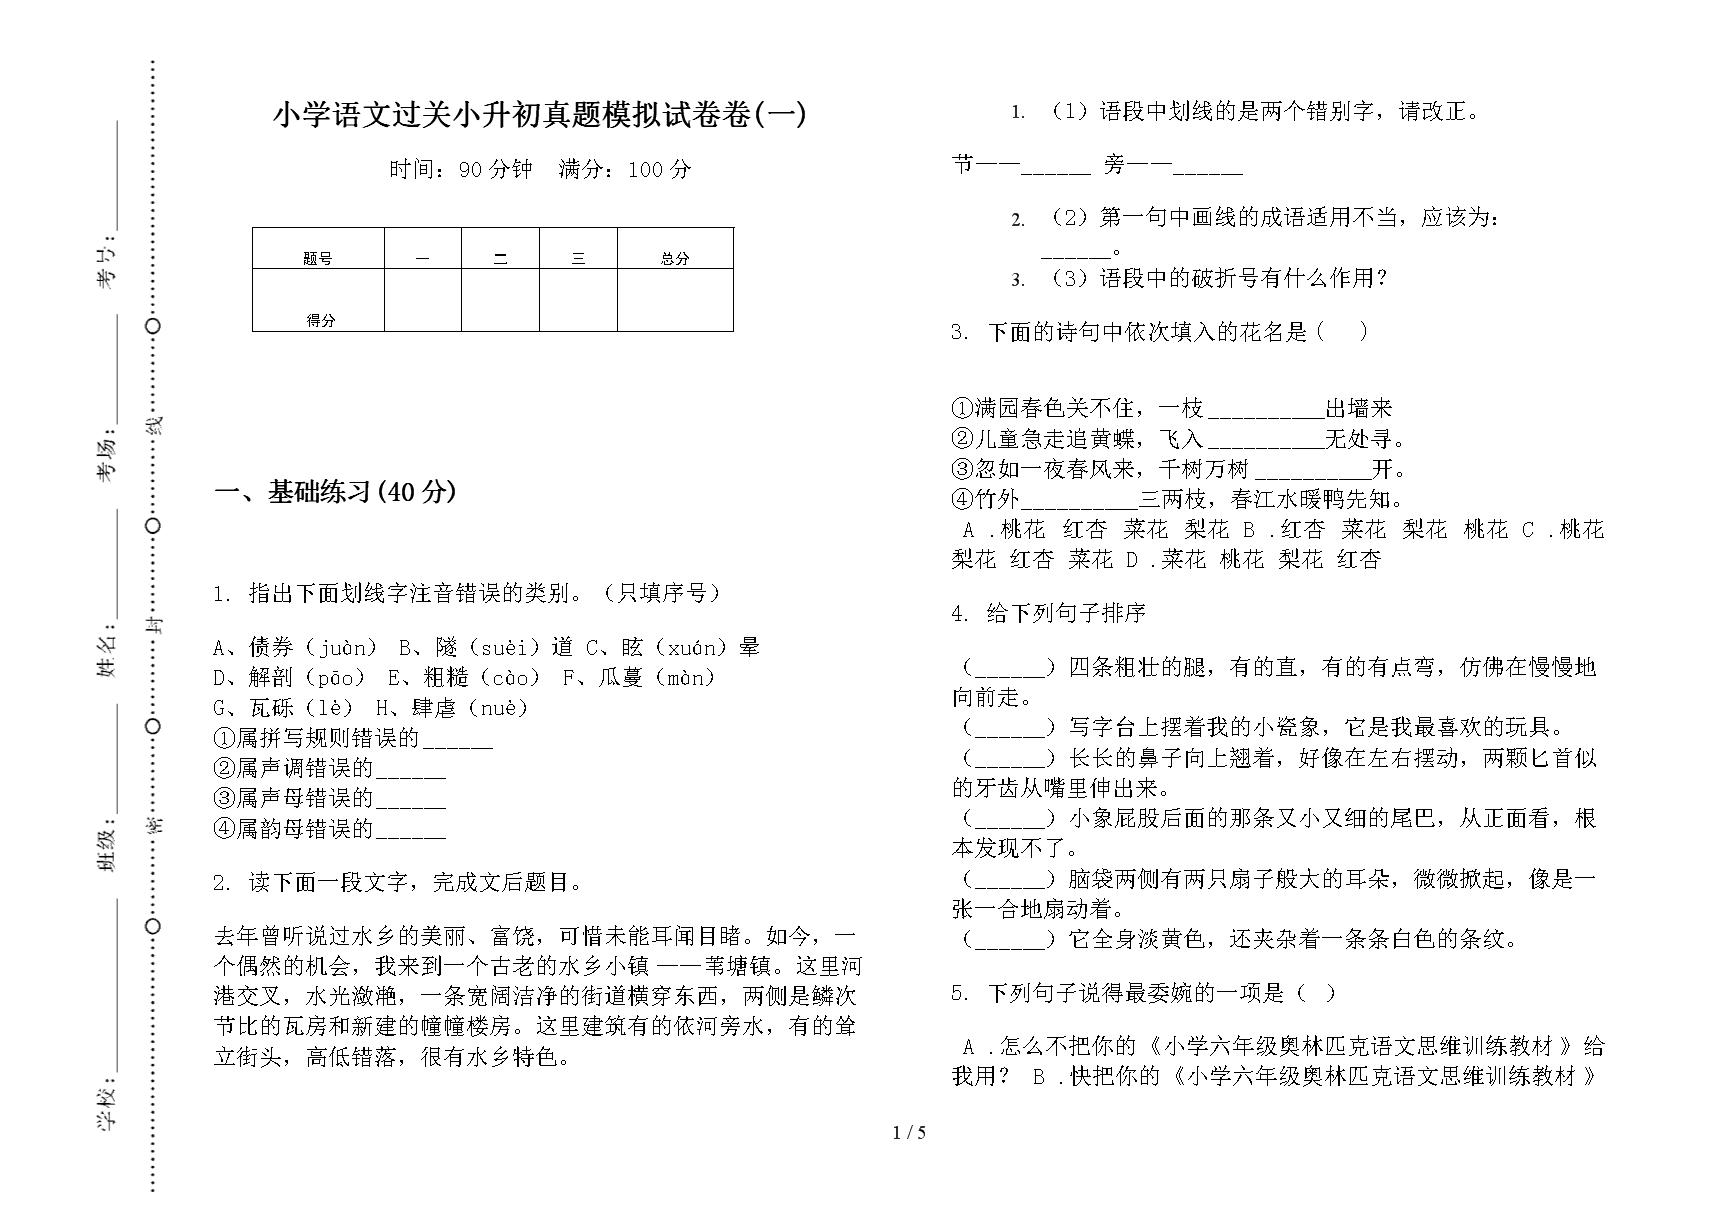 小学语文过关小升初真题模拟试卷卷(一).docx